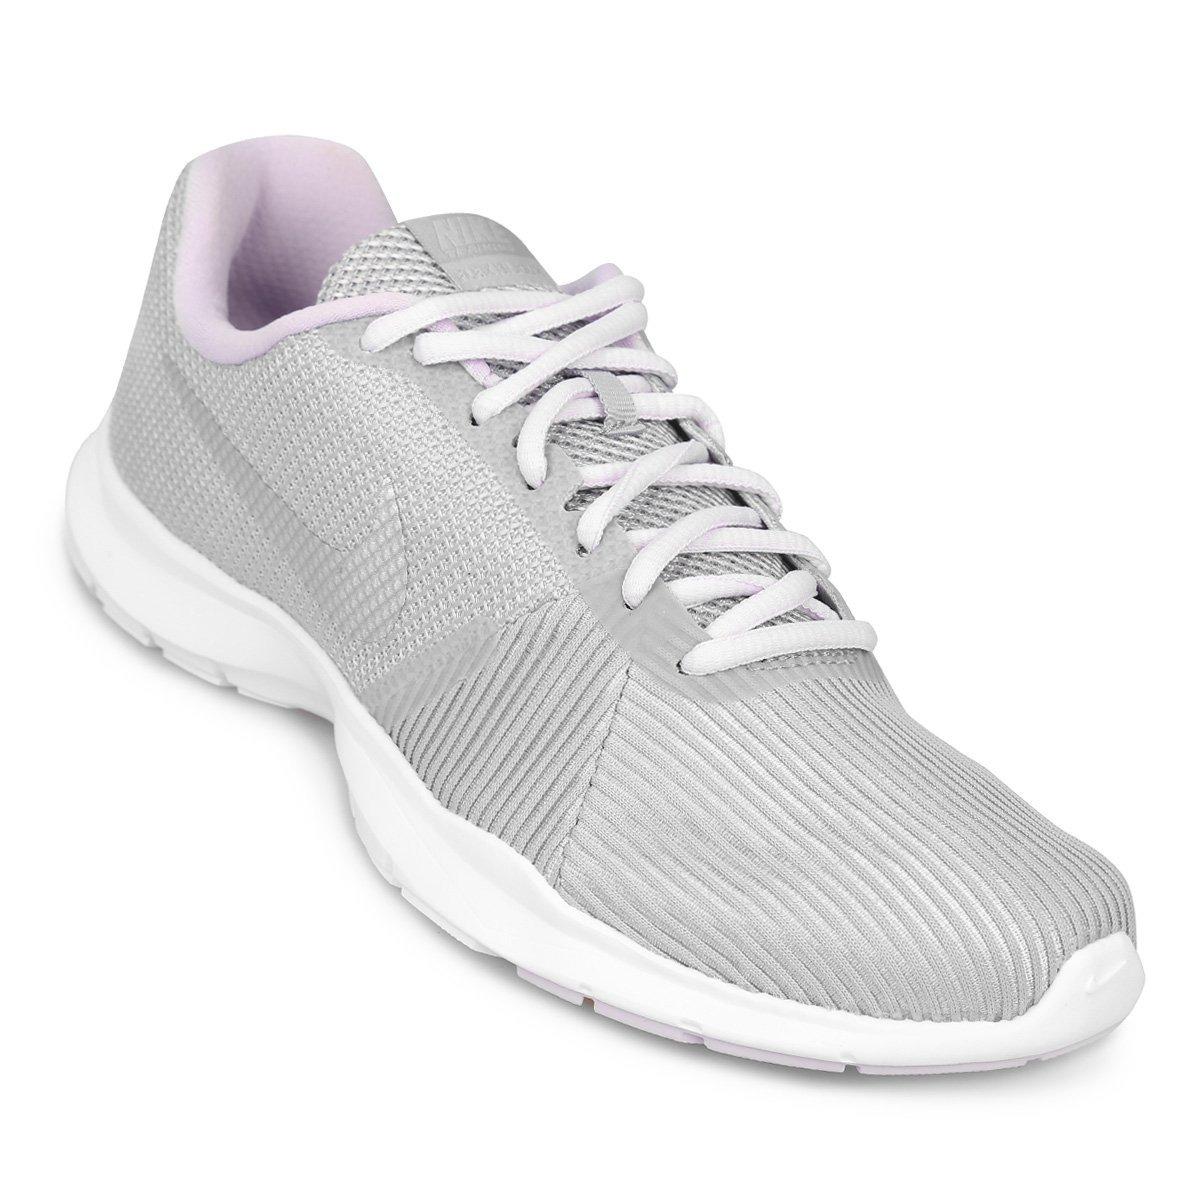 Flex Bijoux Gris Originales Zapatillas Mujer Nike b76vYfgyI